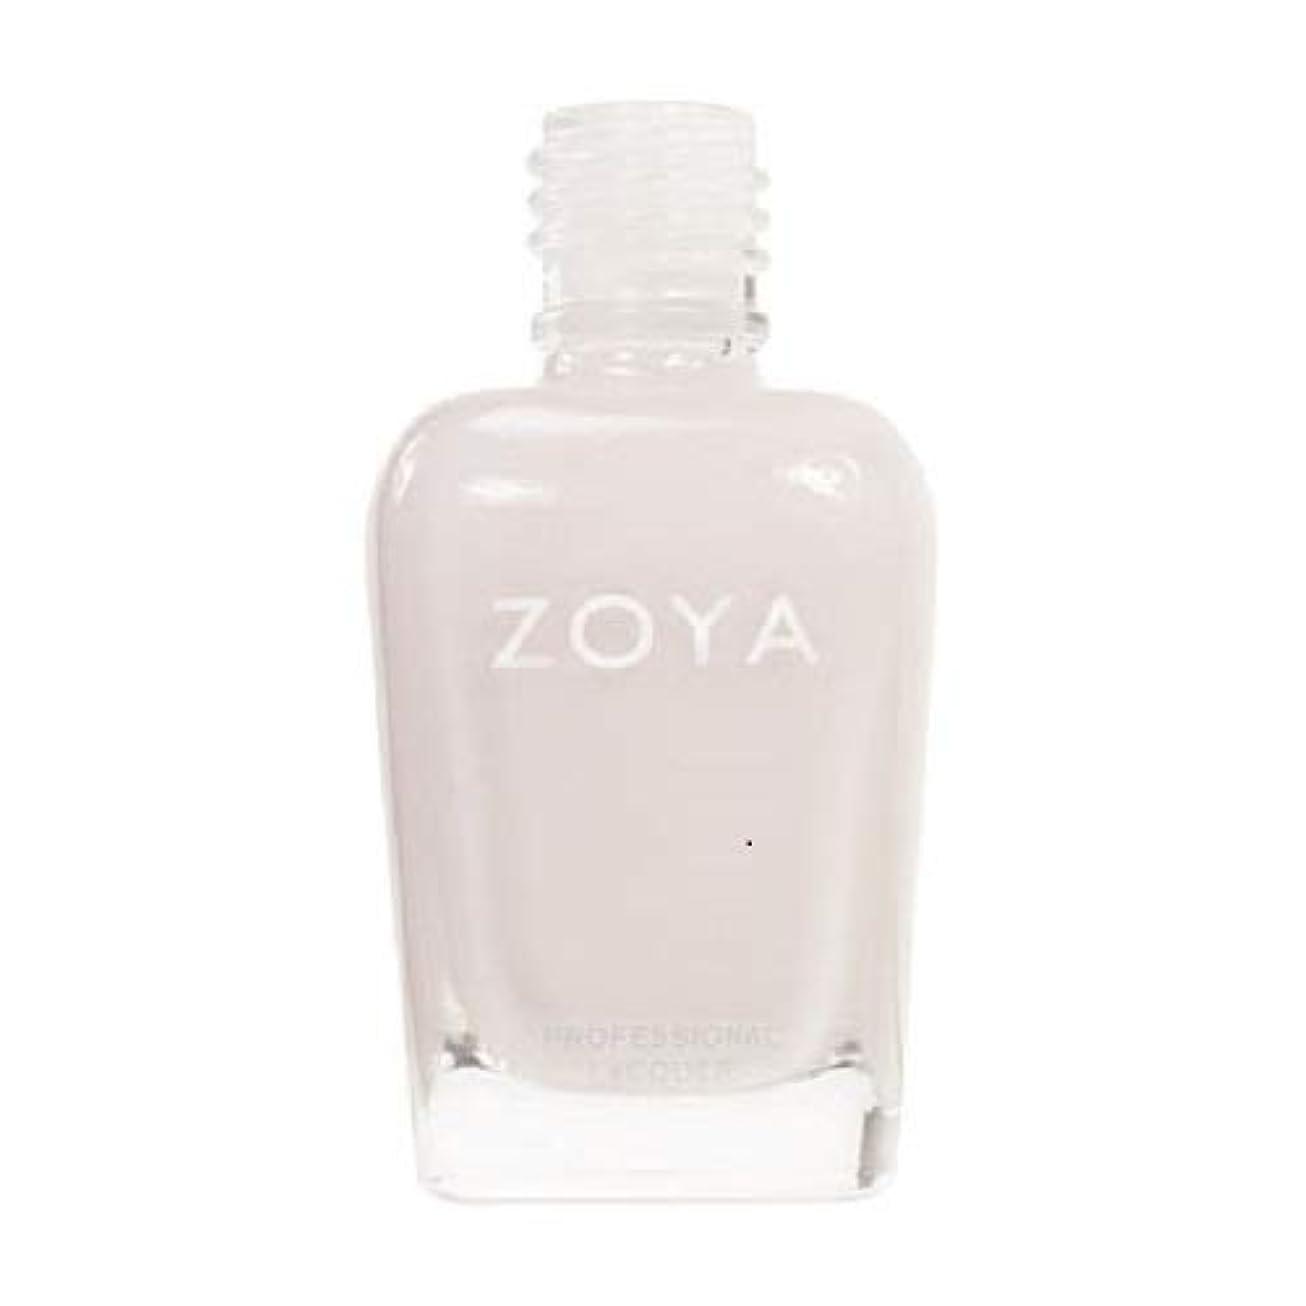 迫害する増強する箱ZOYA ネイルカラーZP235 SABRINA サブリナ 15ml ほのかに色づくピンクをまとったホワイト シアー/クリーム 爪にやさしいネイルラッカーマニキュア